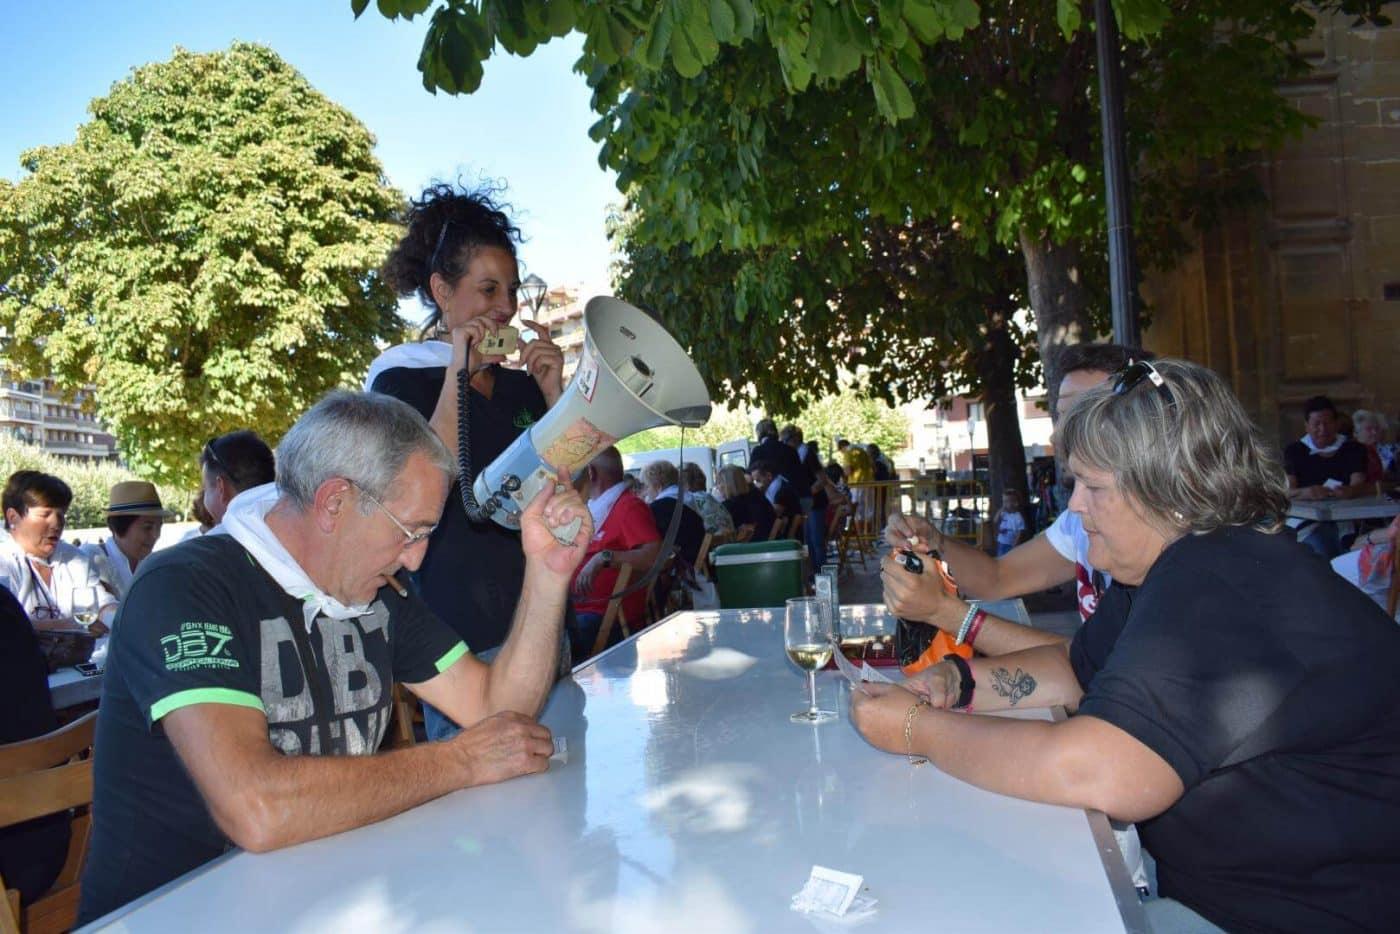 El soniquete binguero, colofón a la comida de hermandad del Barrio de las Huertas 40